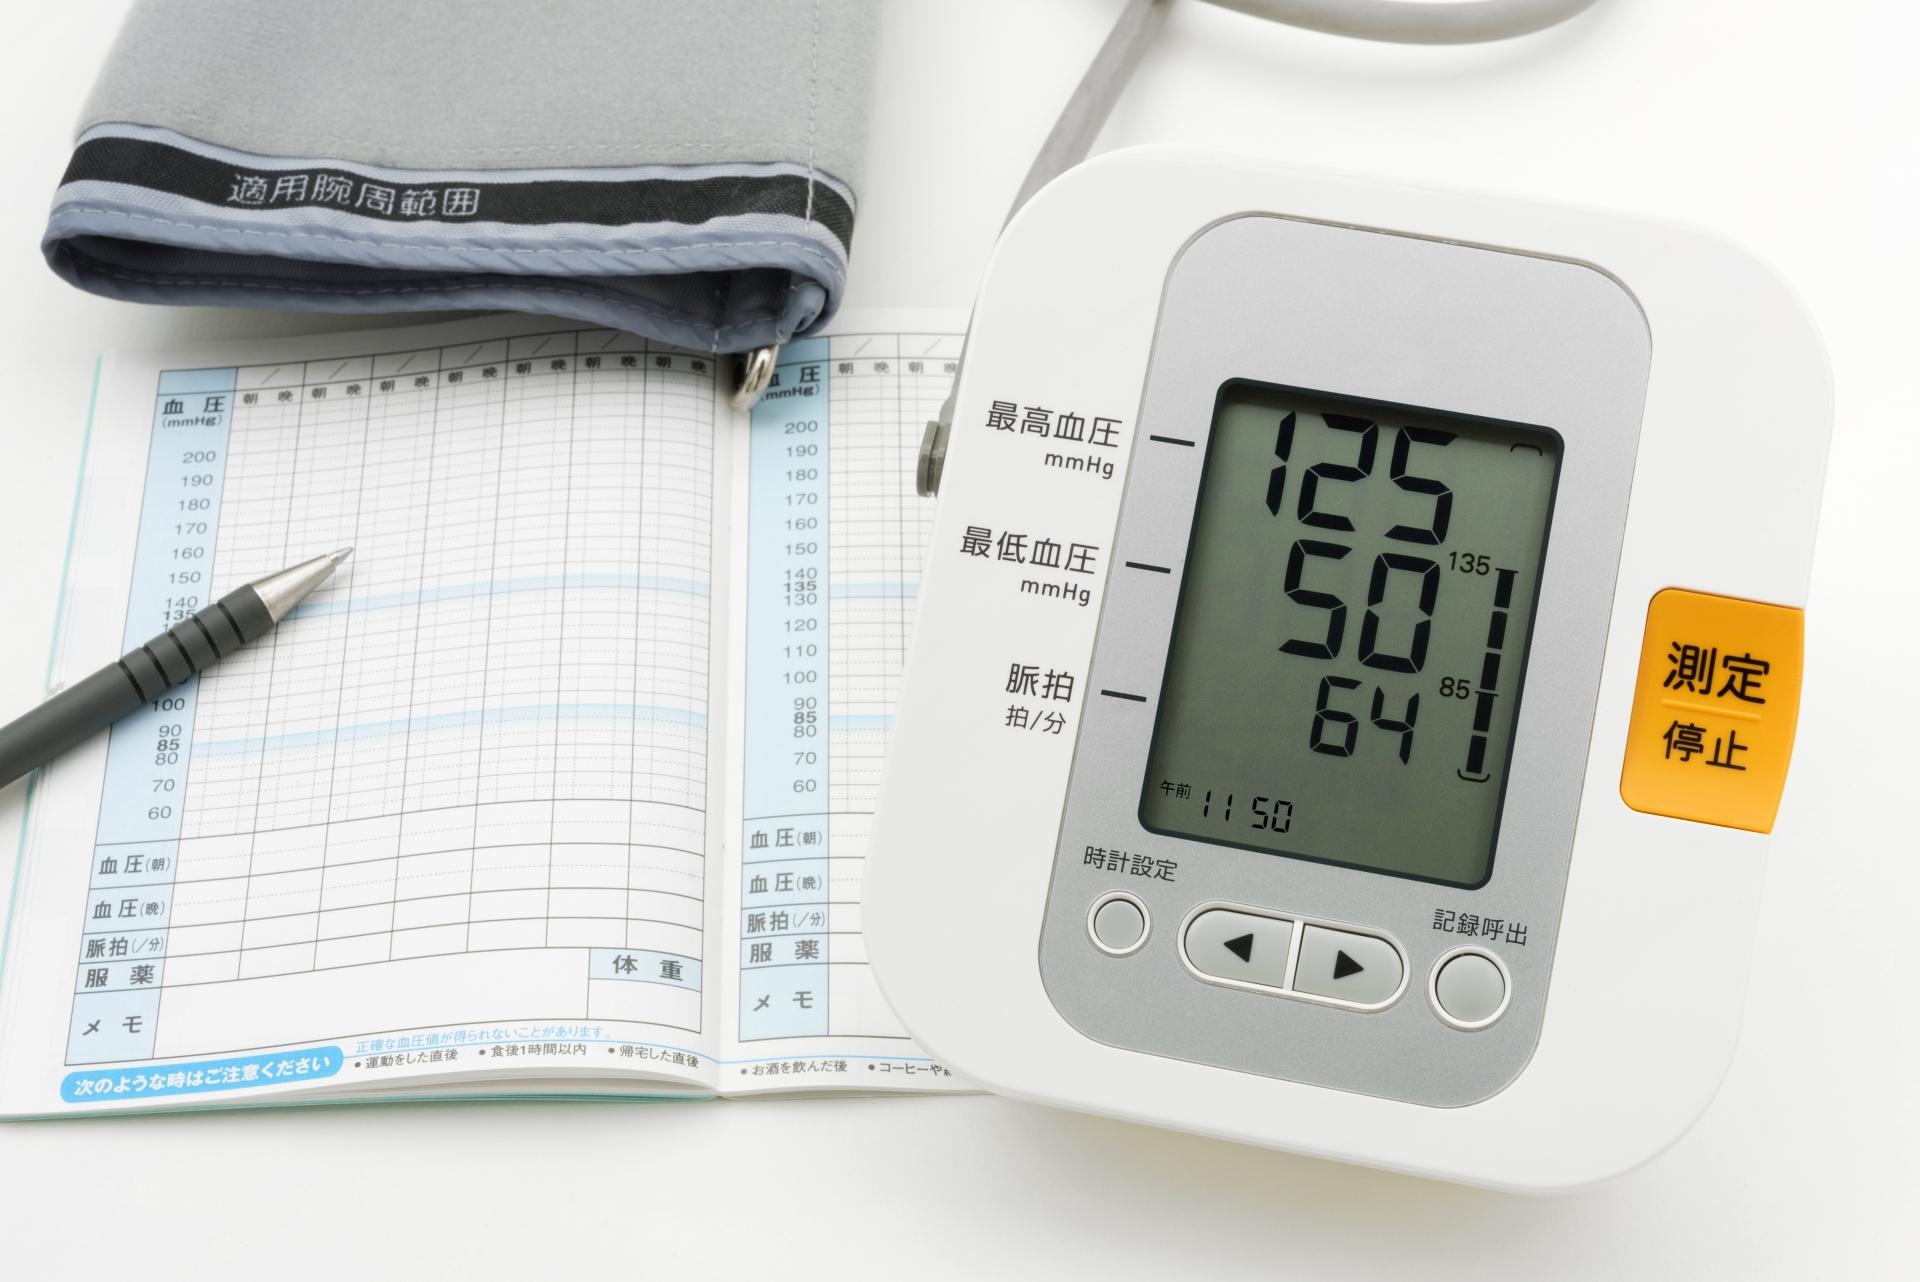 60 血圧 代 値 正常